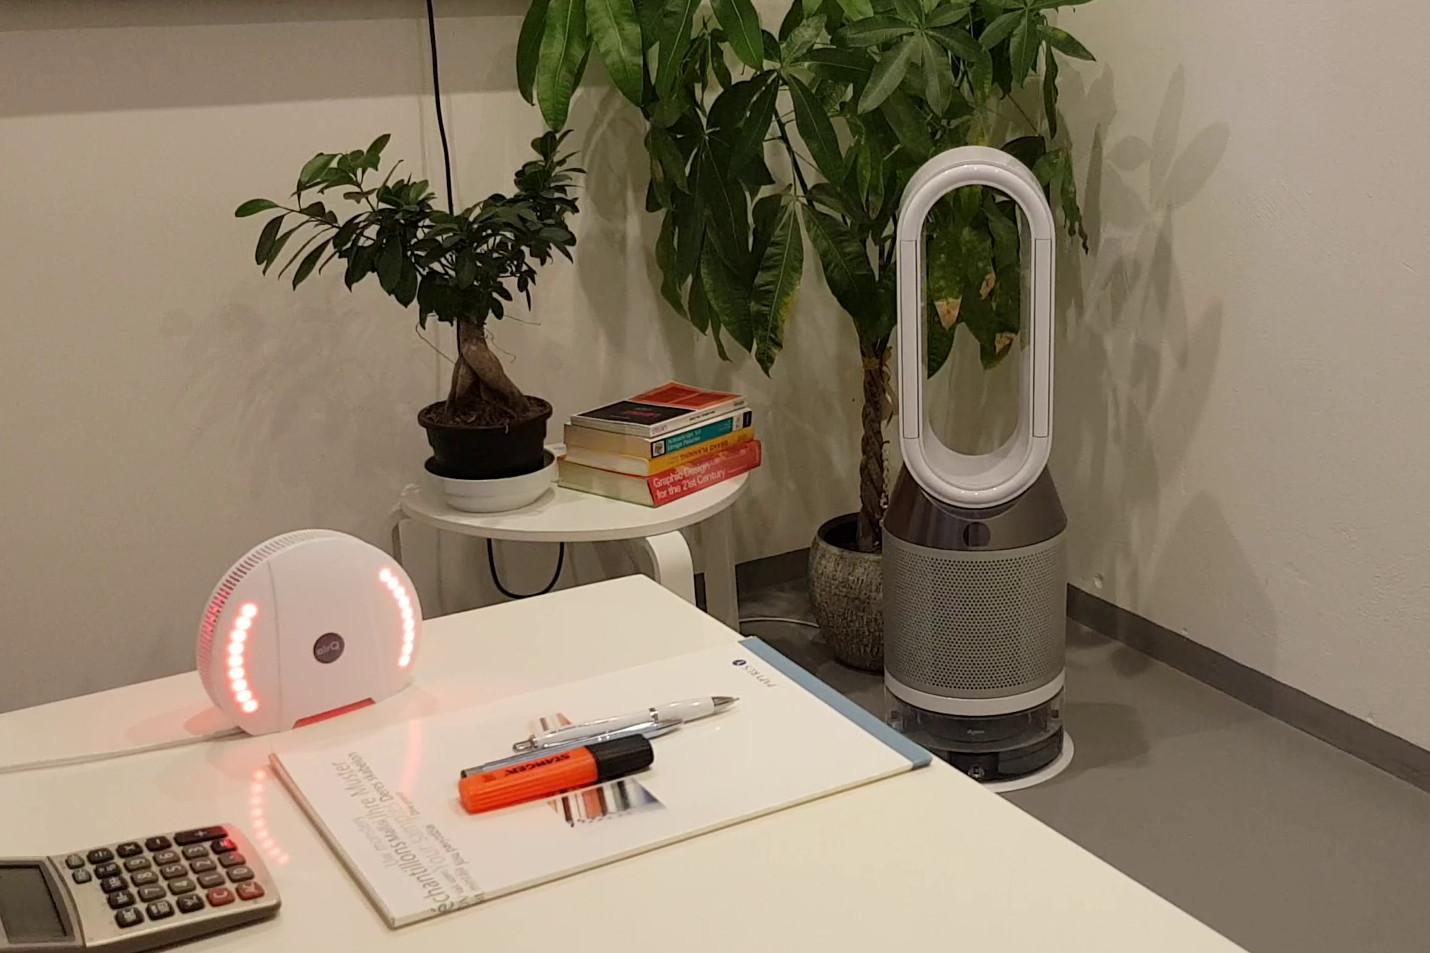 Luftanalysator air-Q und Dyson Pure Humidify + Cool Luftreiniger & Luftbefeuchter im Feinstaub-Test-Raum